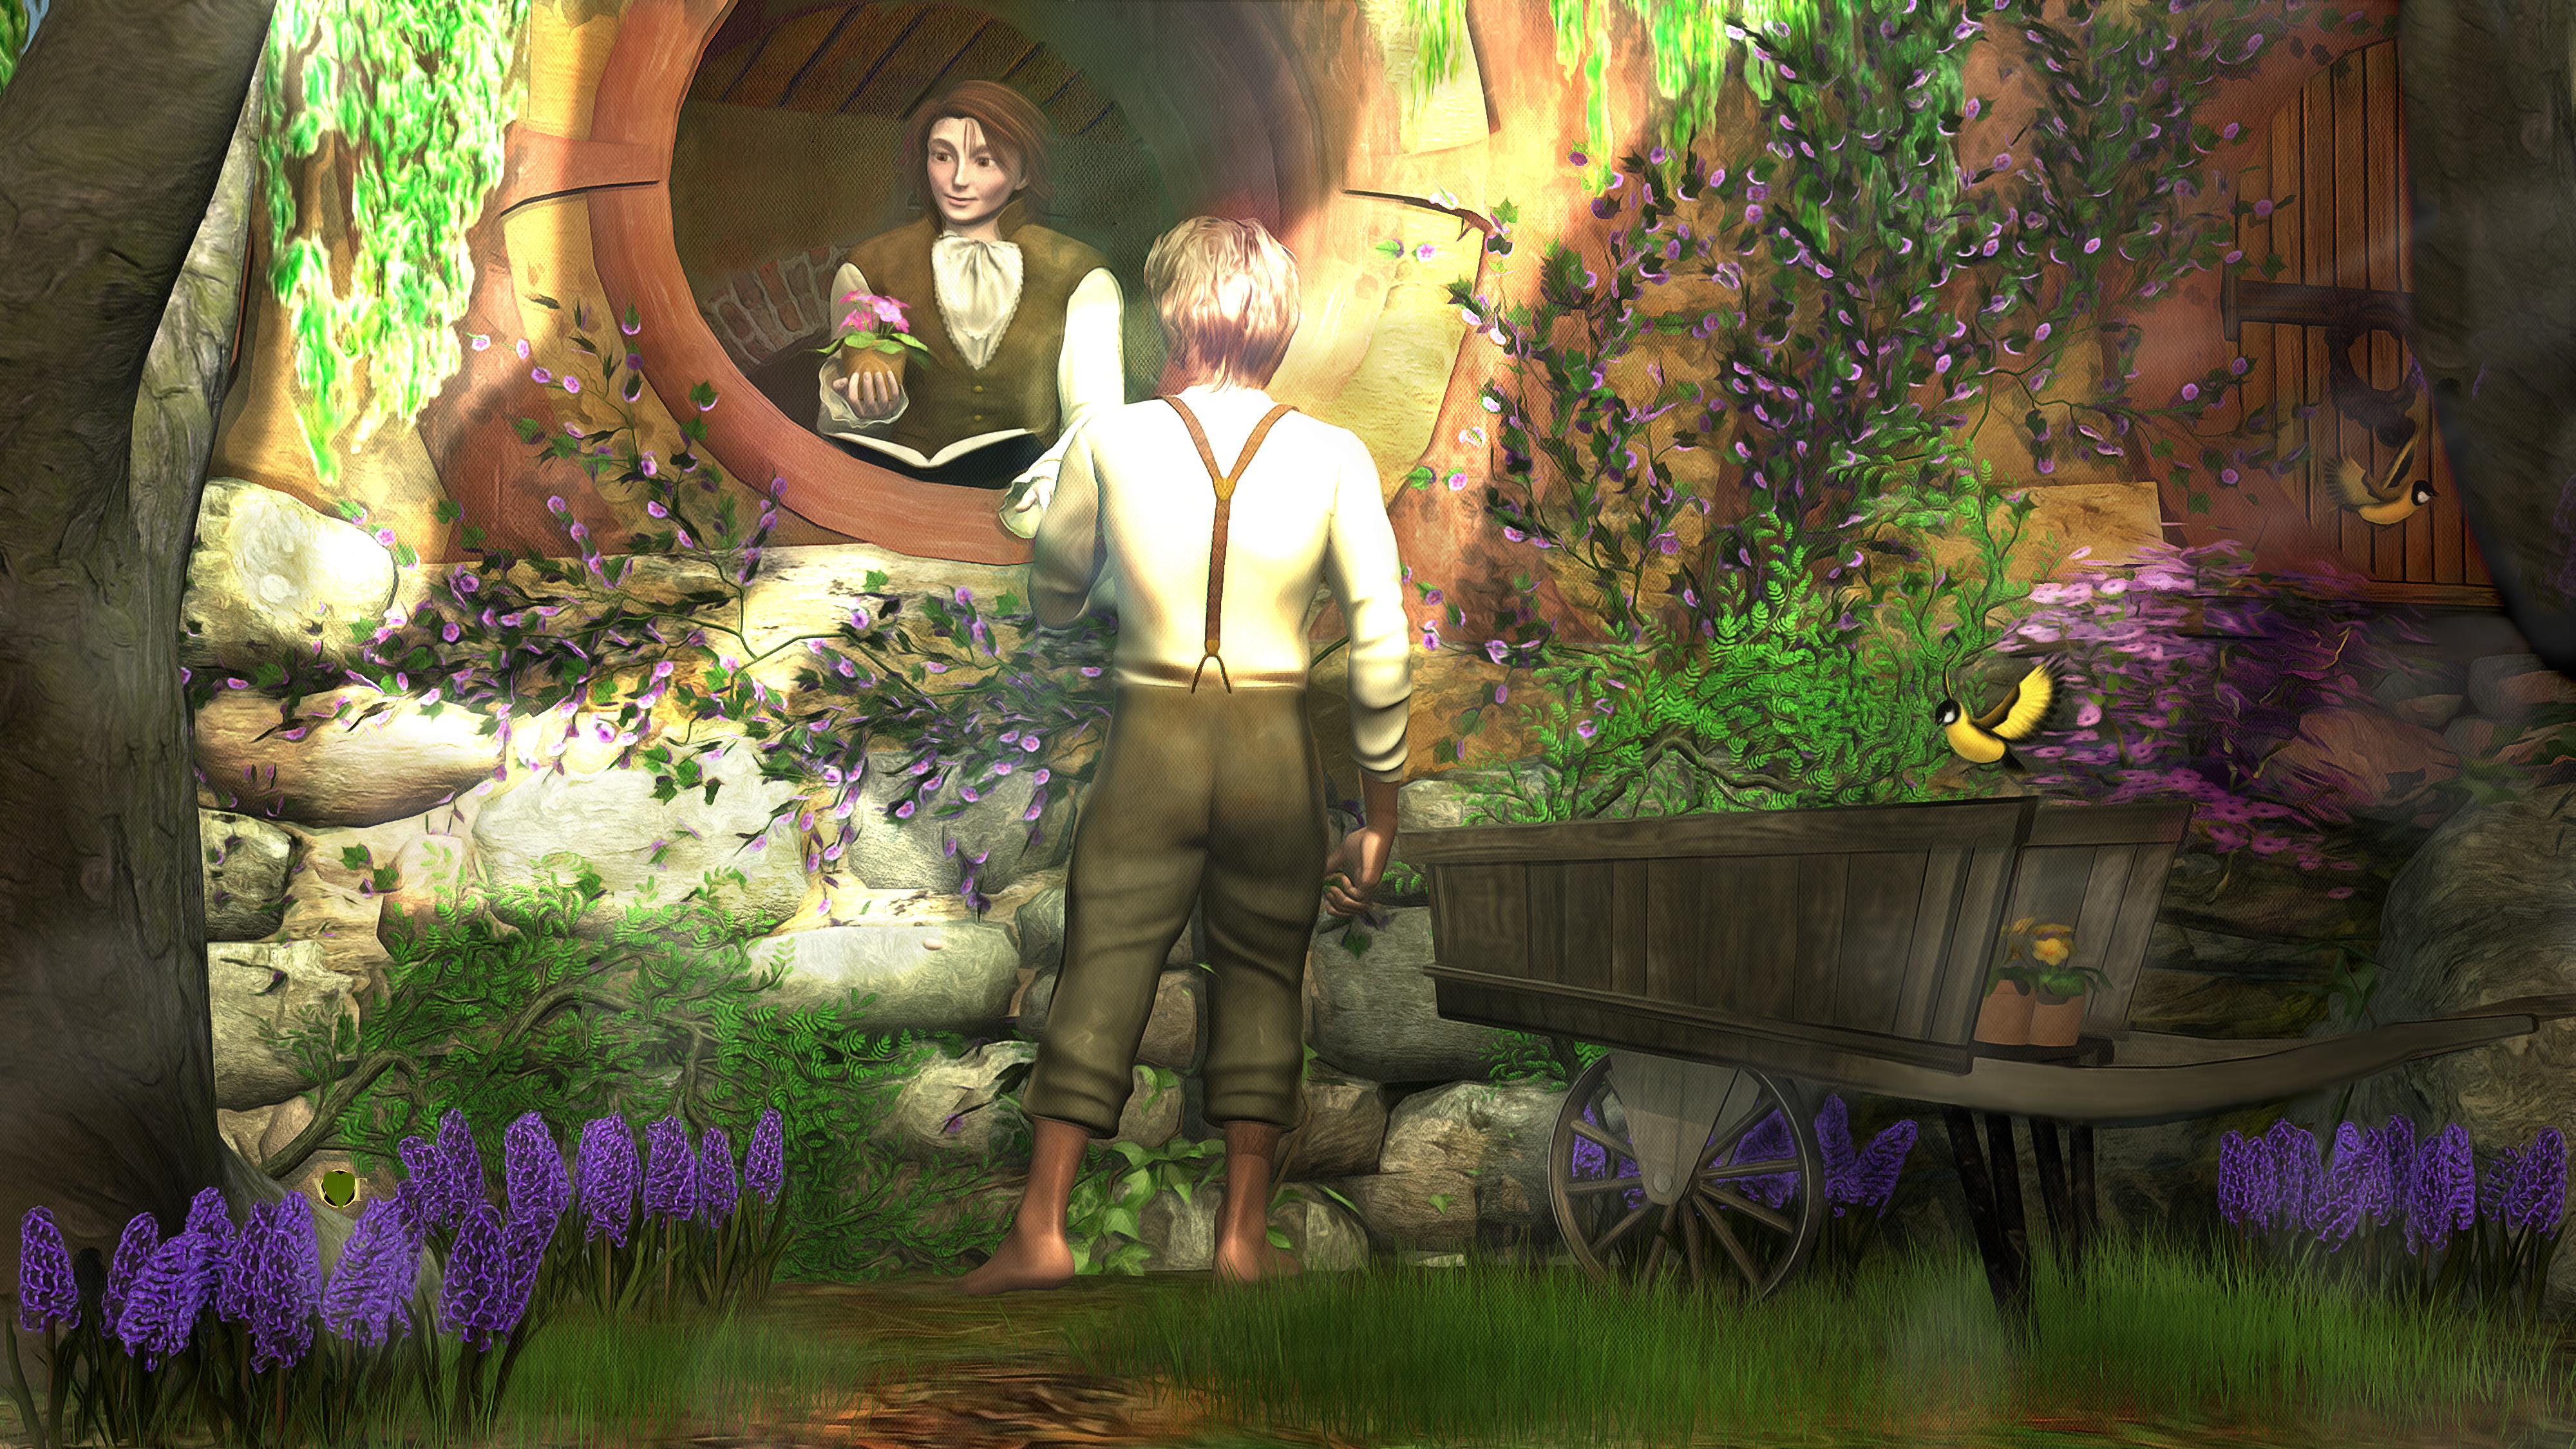 Sam offers Frodo a primrose